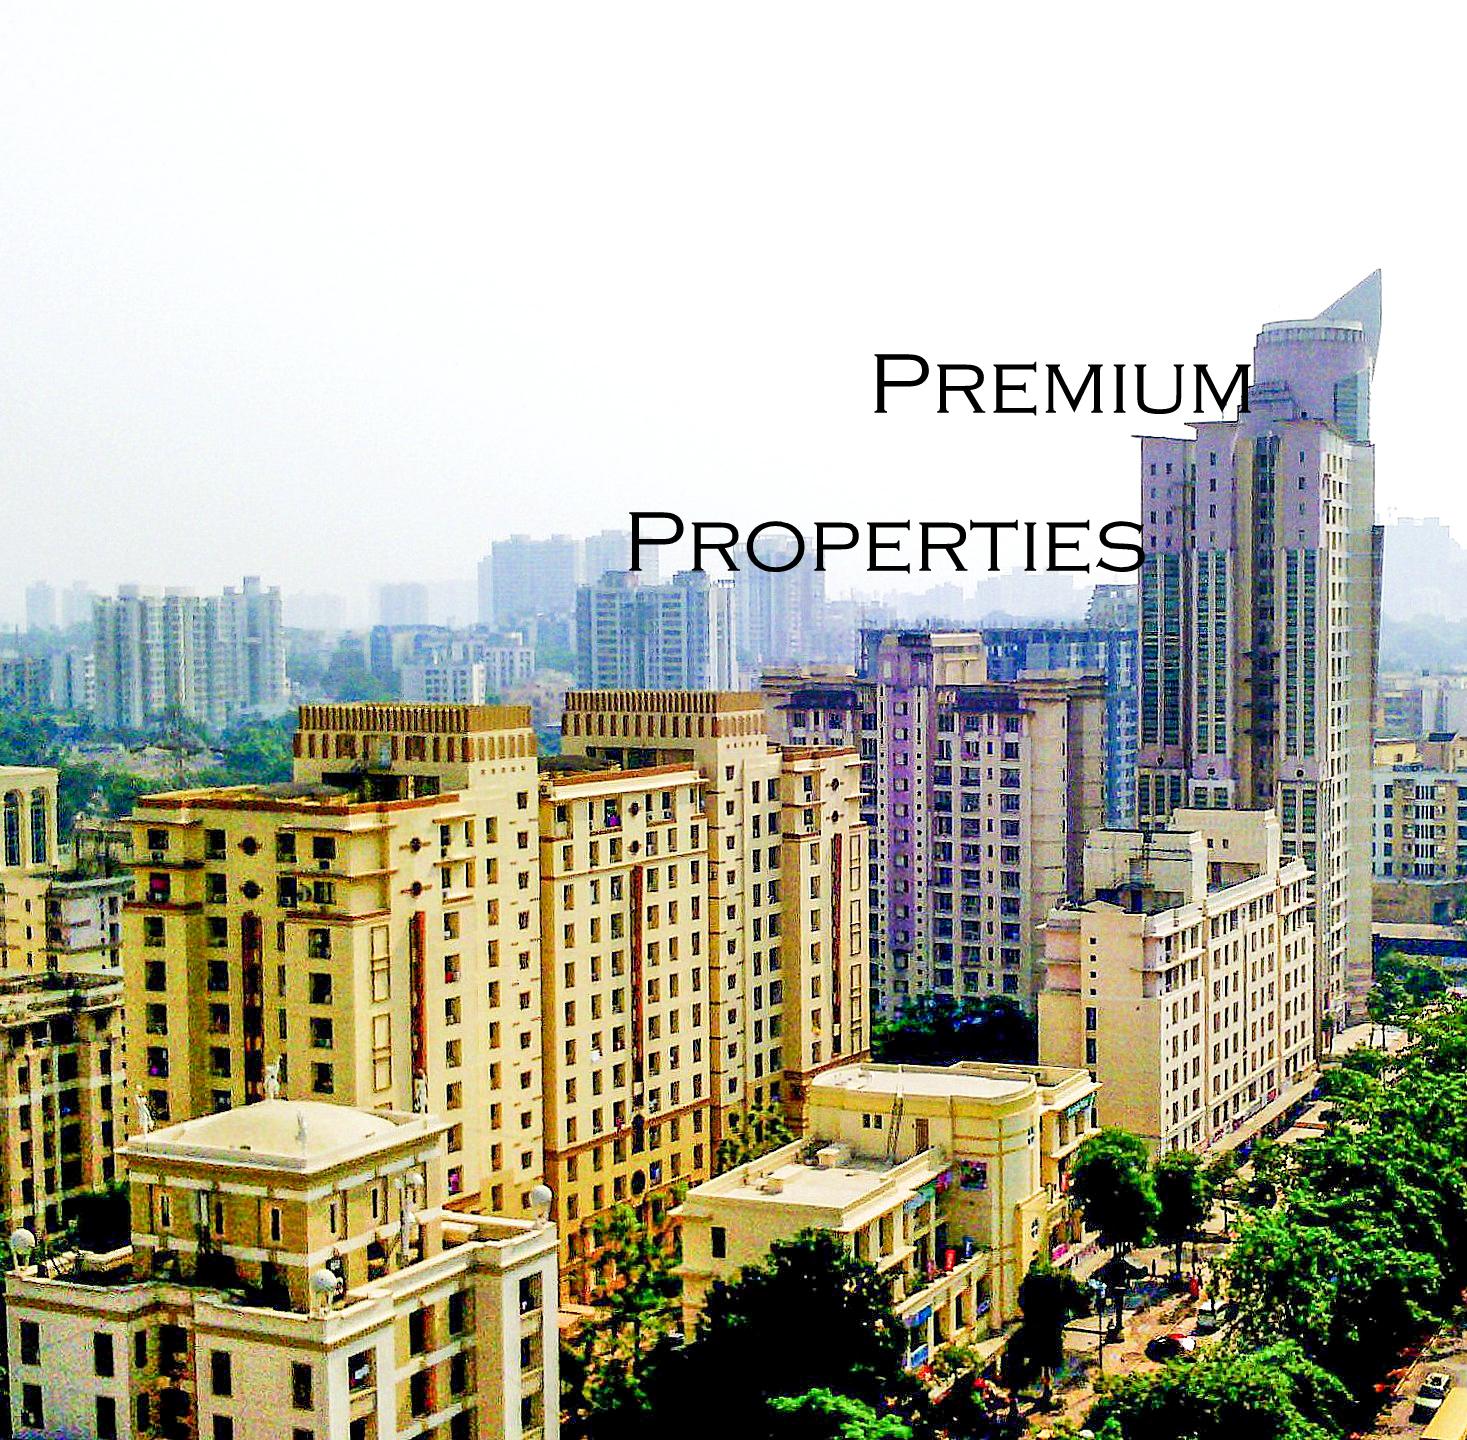 Tribeca Apartments For Rent: Tribeca, Hiranandani Estate : Brand New 3 Bed Room